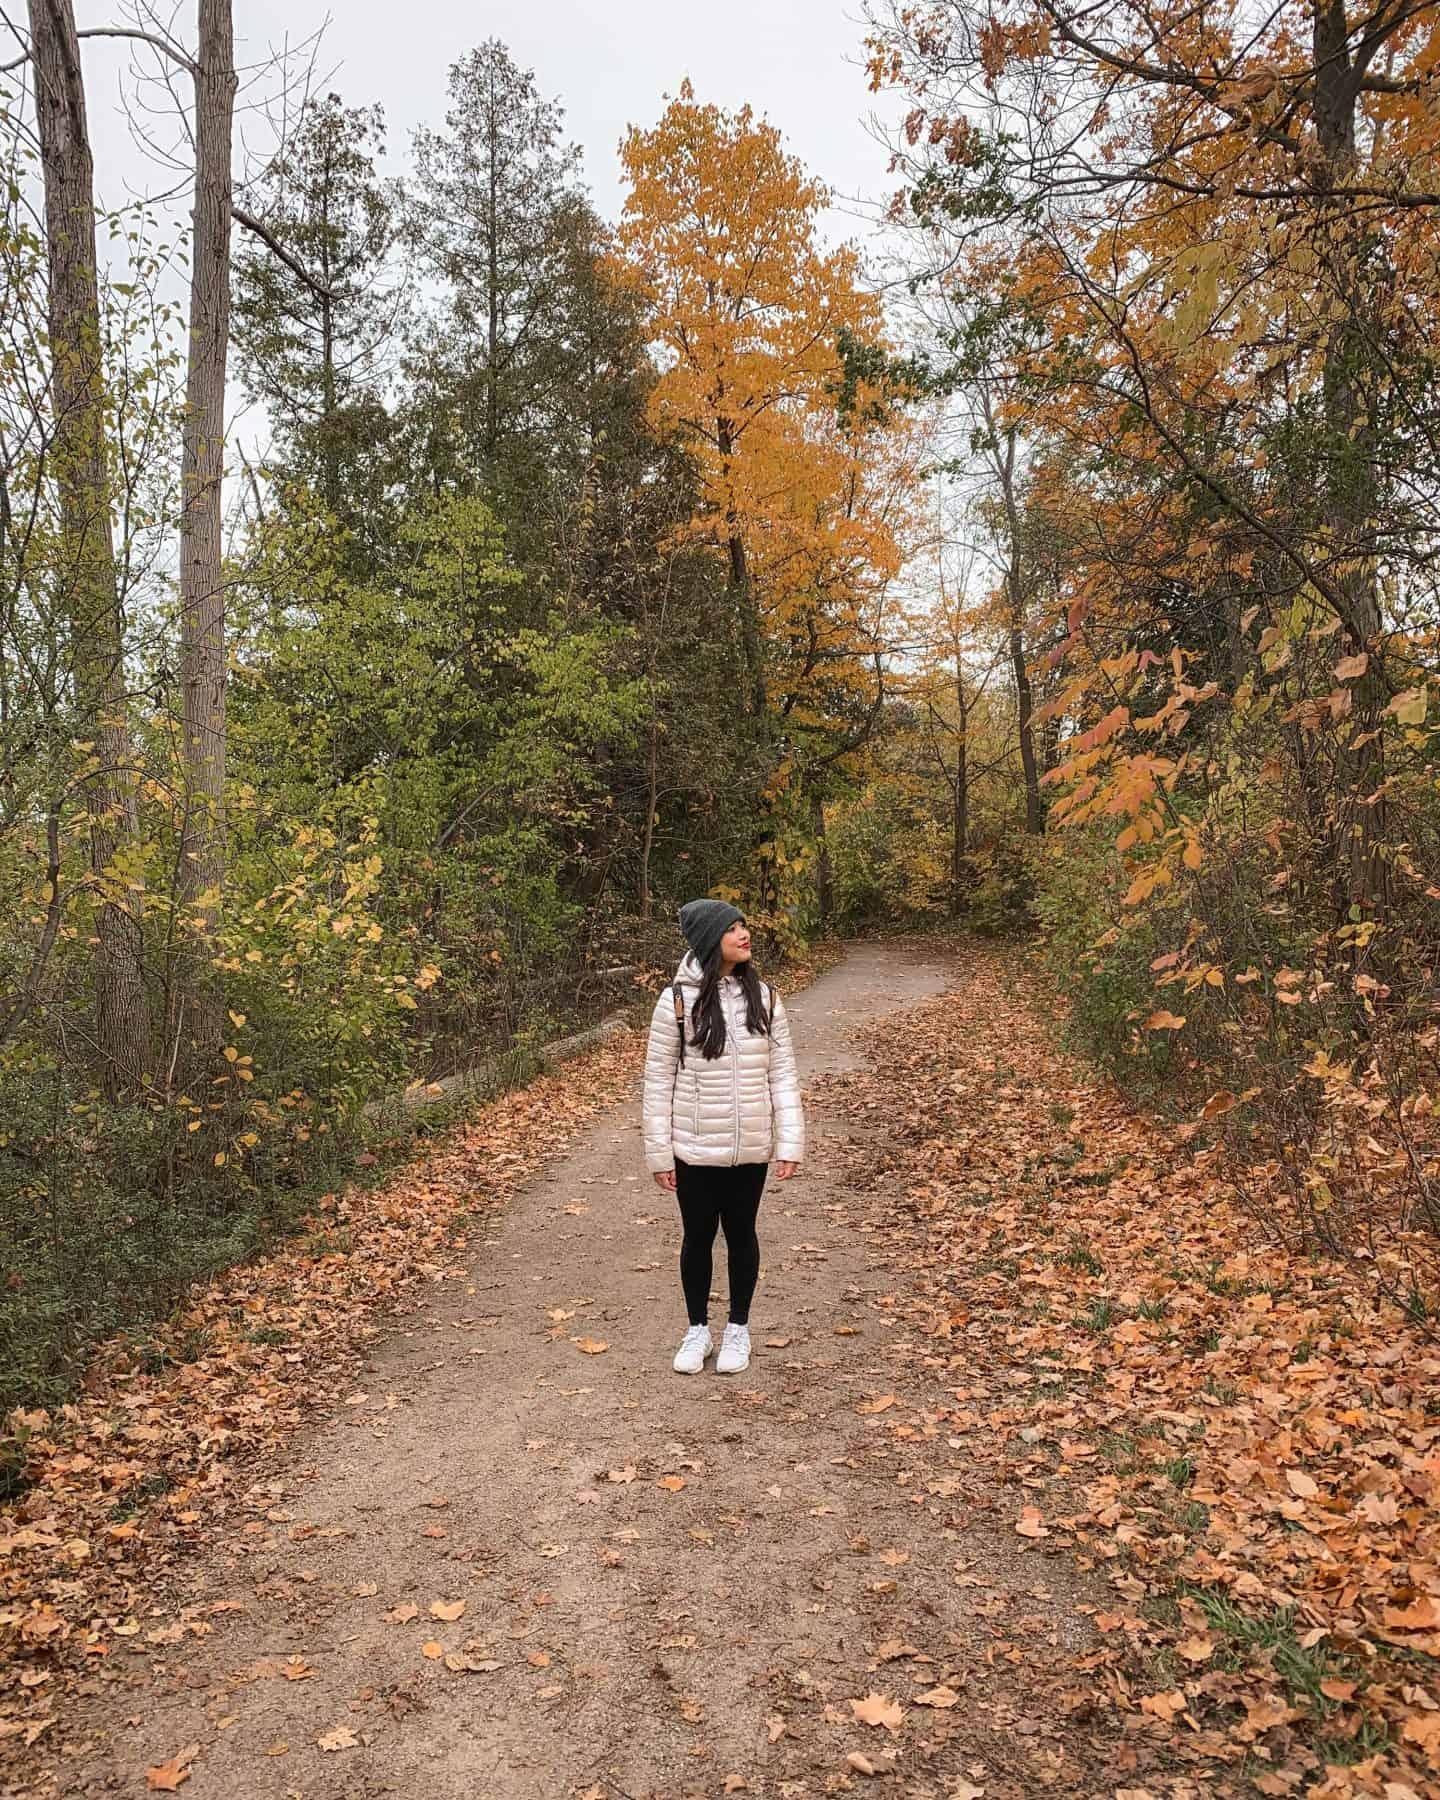 Cambridge, Ontario